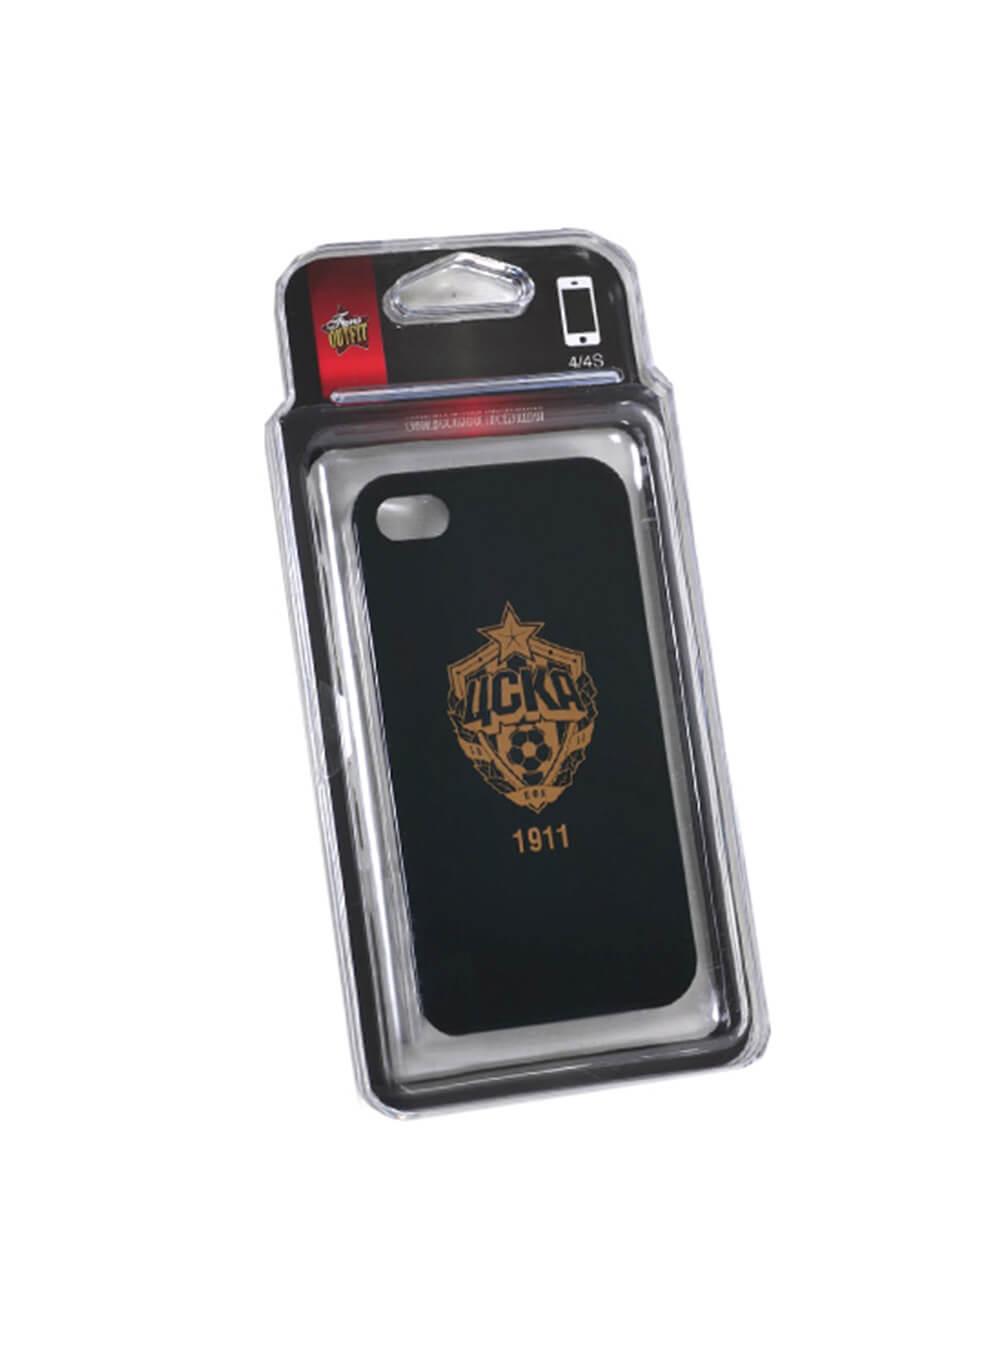 Клип-кейс для iPhone 4/4S черный с золотой эмблемой ПФК ЦСКА